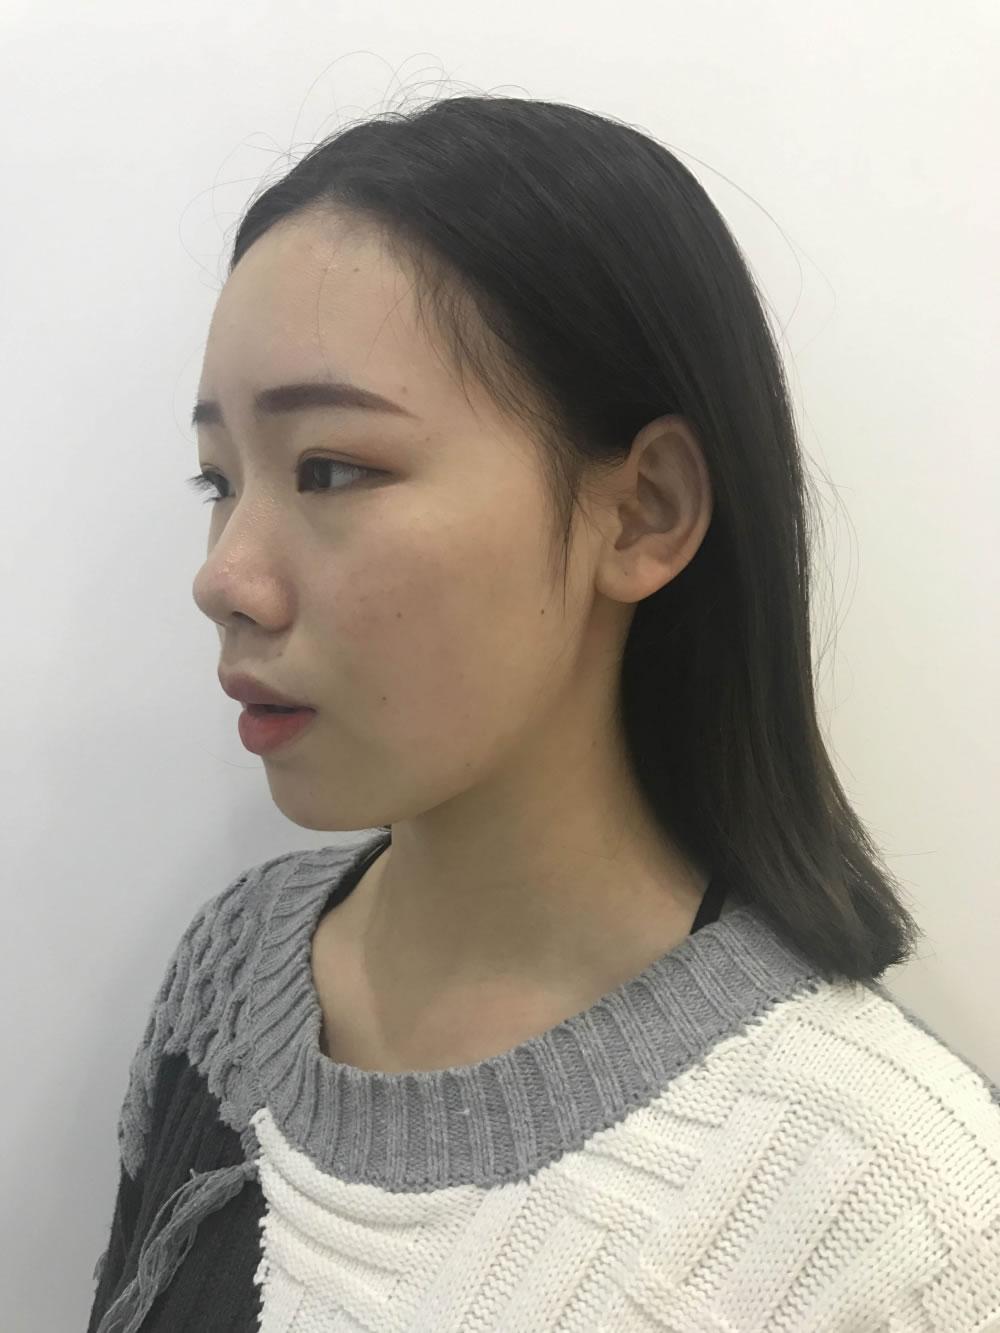 意识自己的鼻子不好看在武汉伊美馨做了鼻综合隆鼻